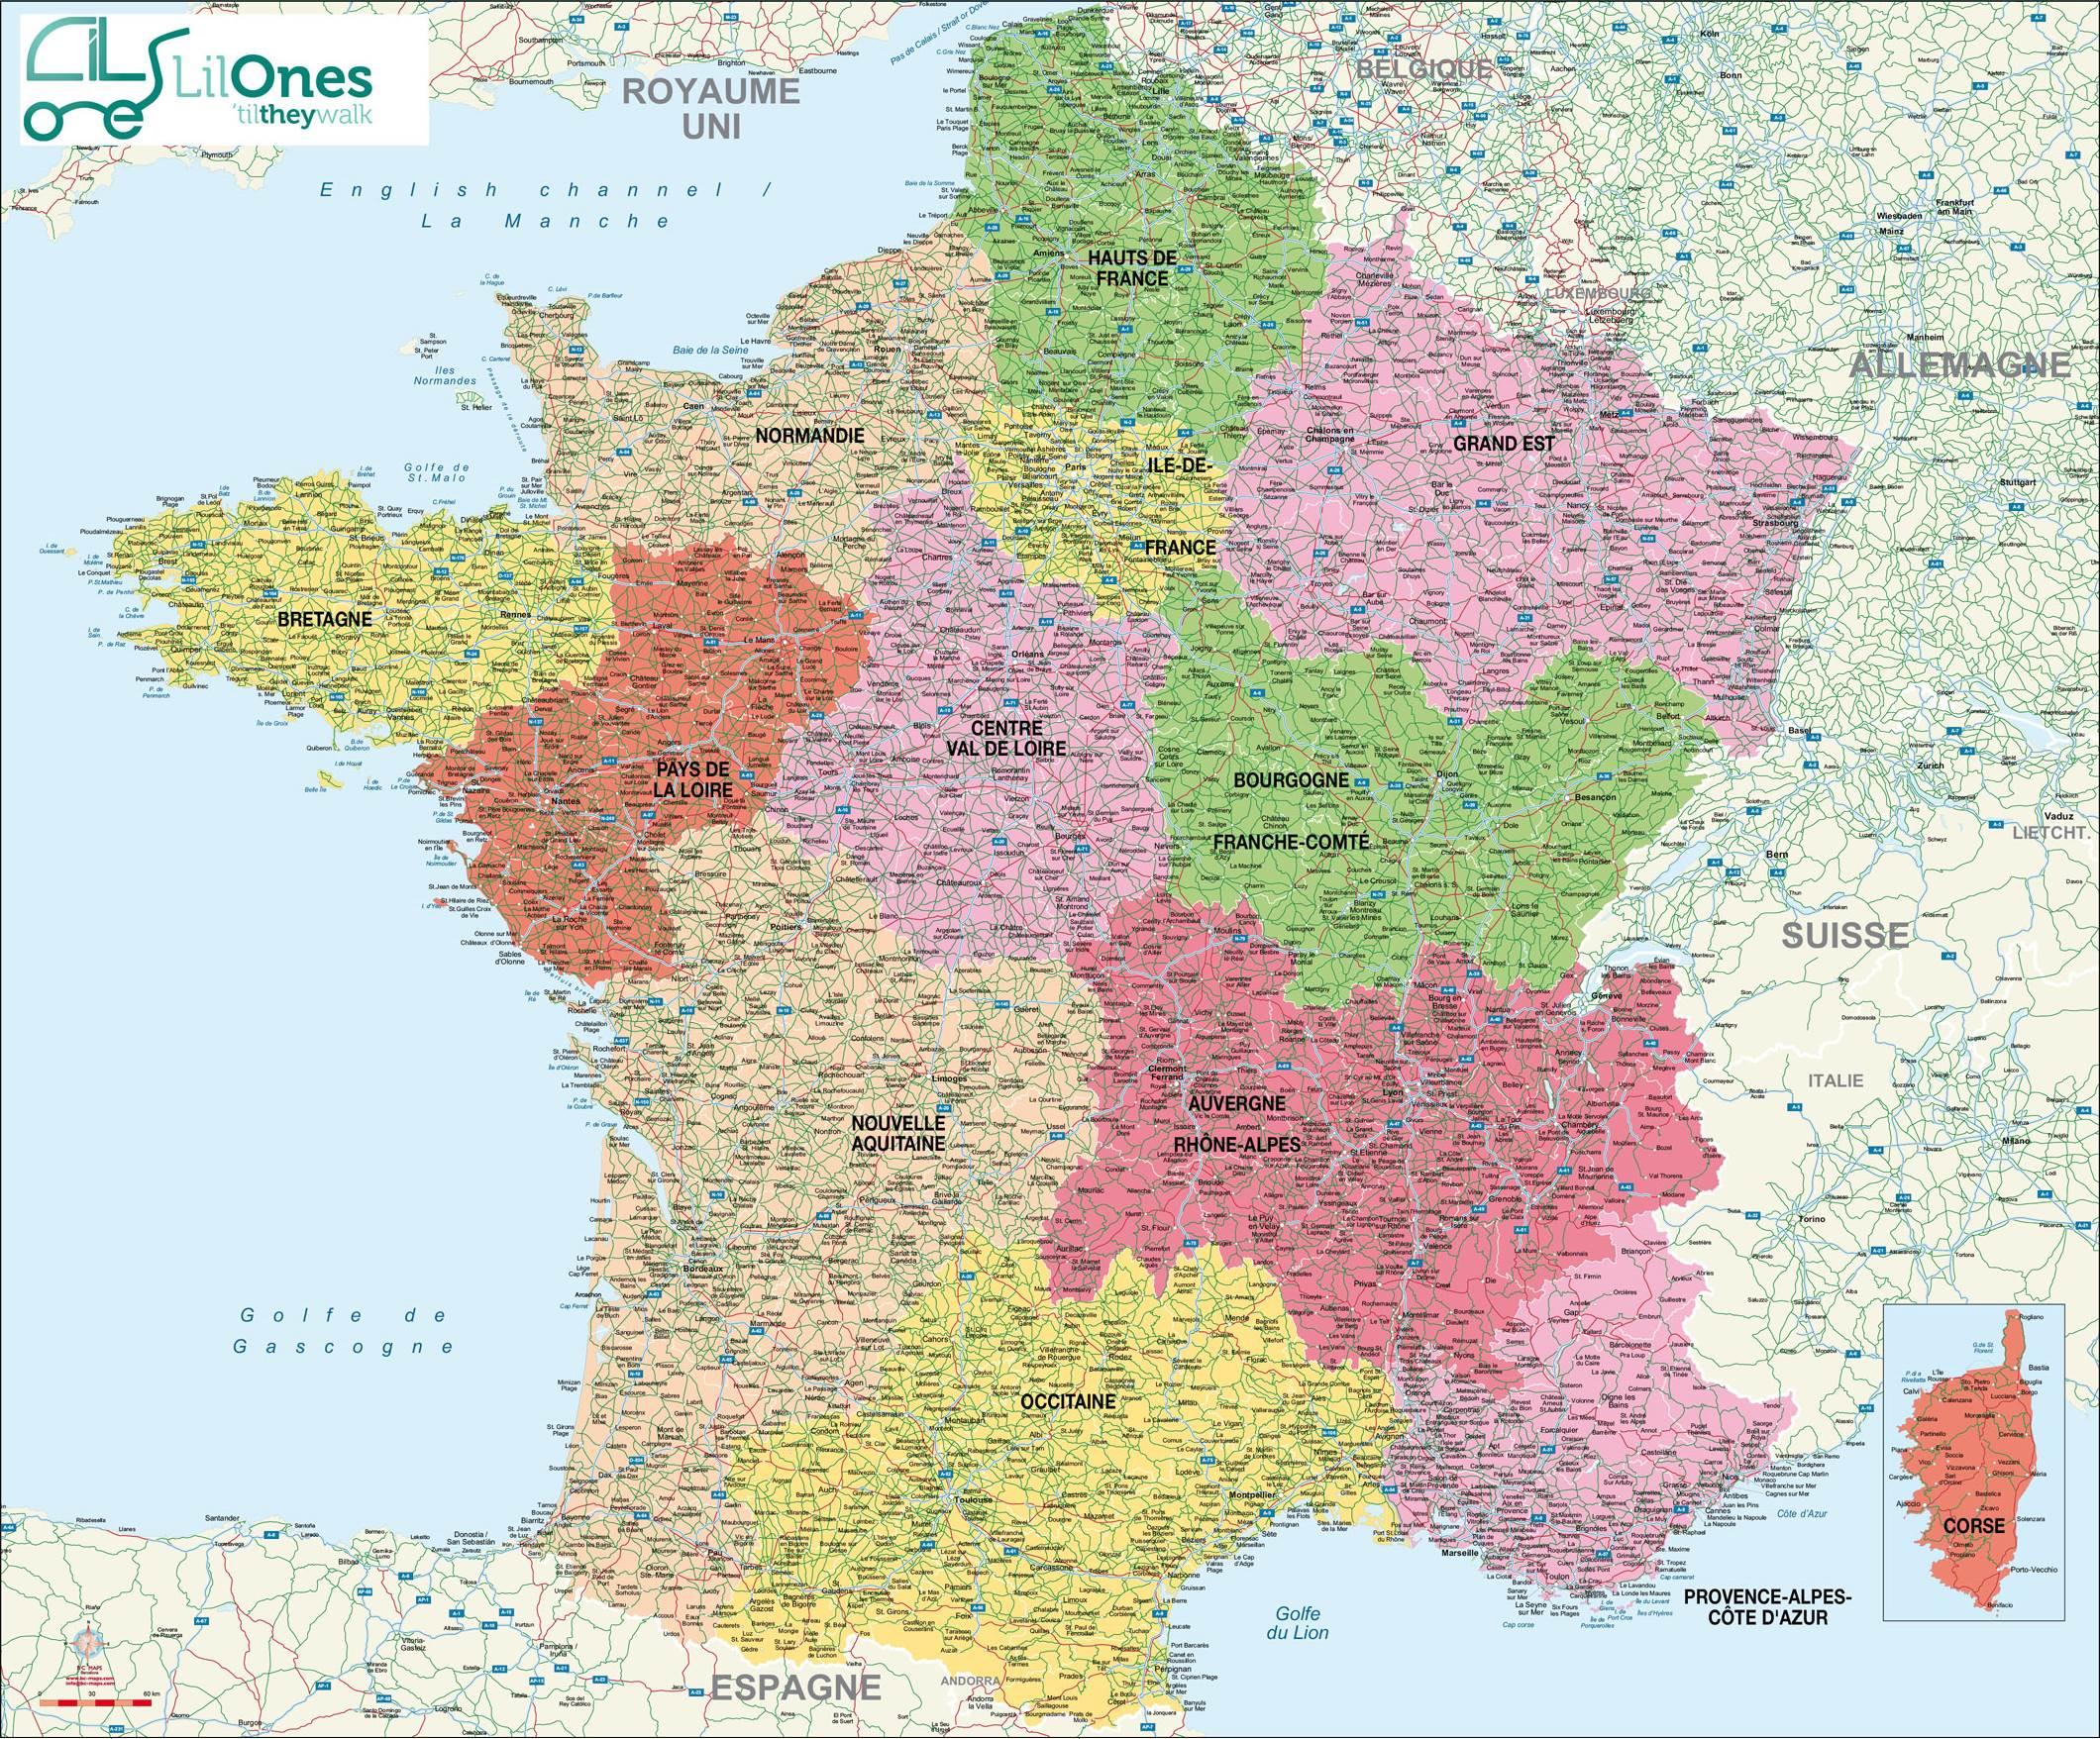 Cartes De France : Cartes Des Régions, Départements Et pour Carte Departements Francais